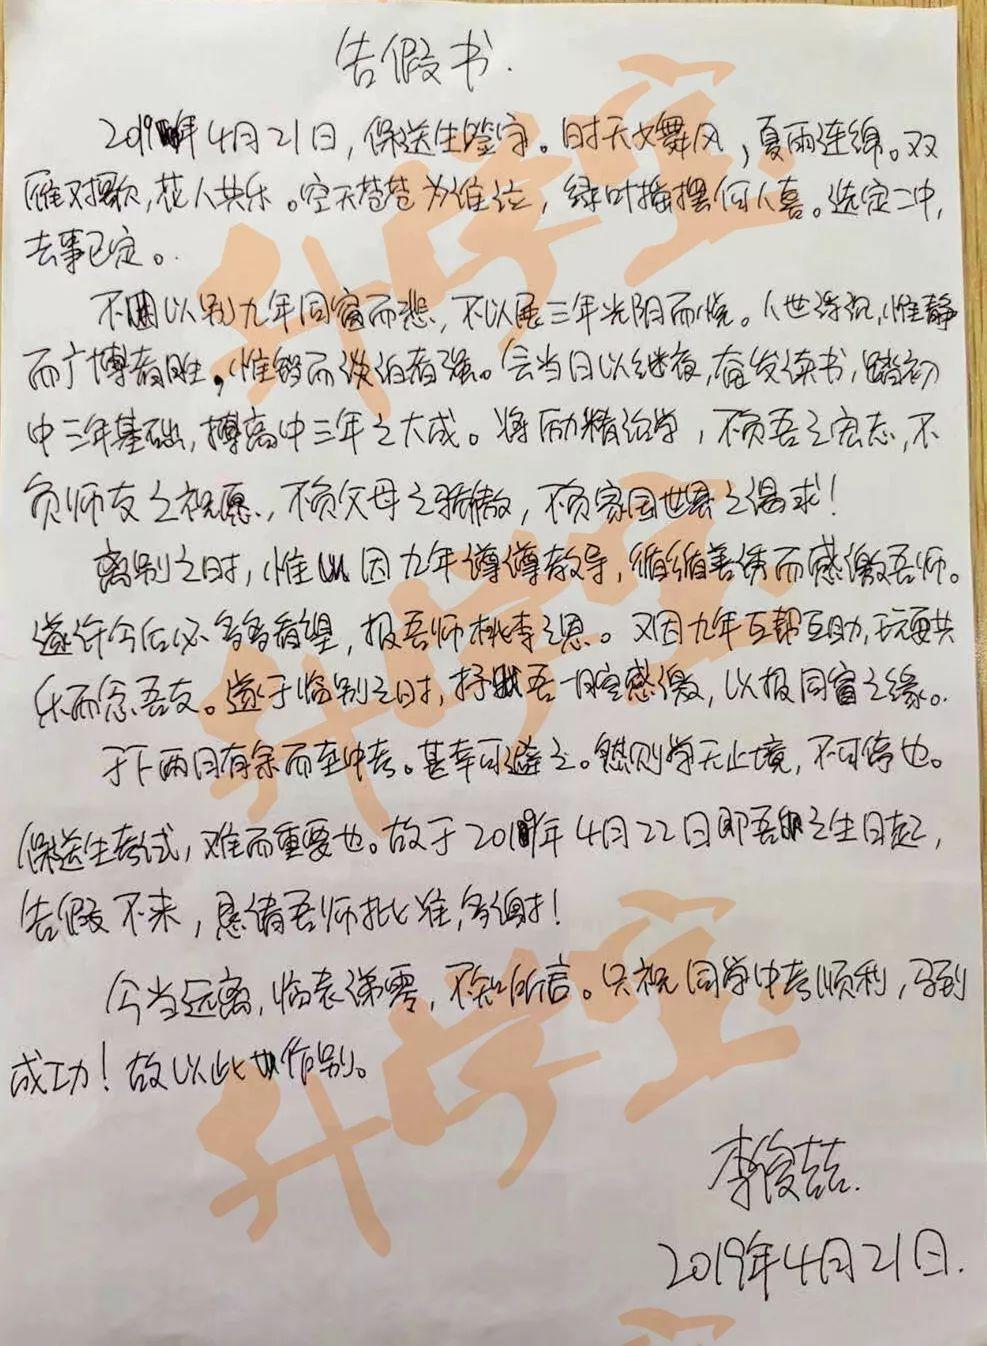 初三男生写了张请假条红了!语文老师集体传阅:奇文共赏